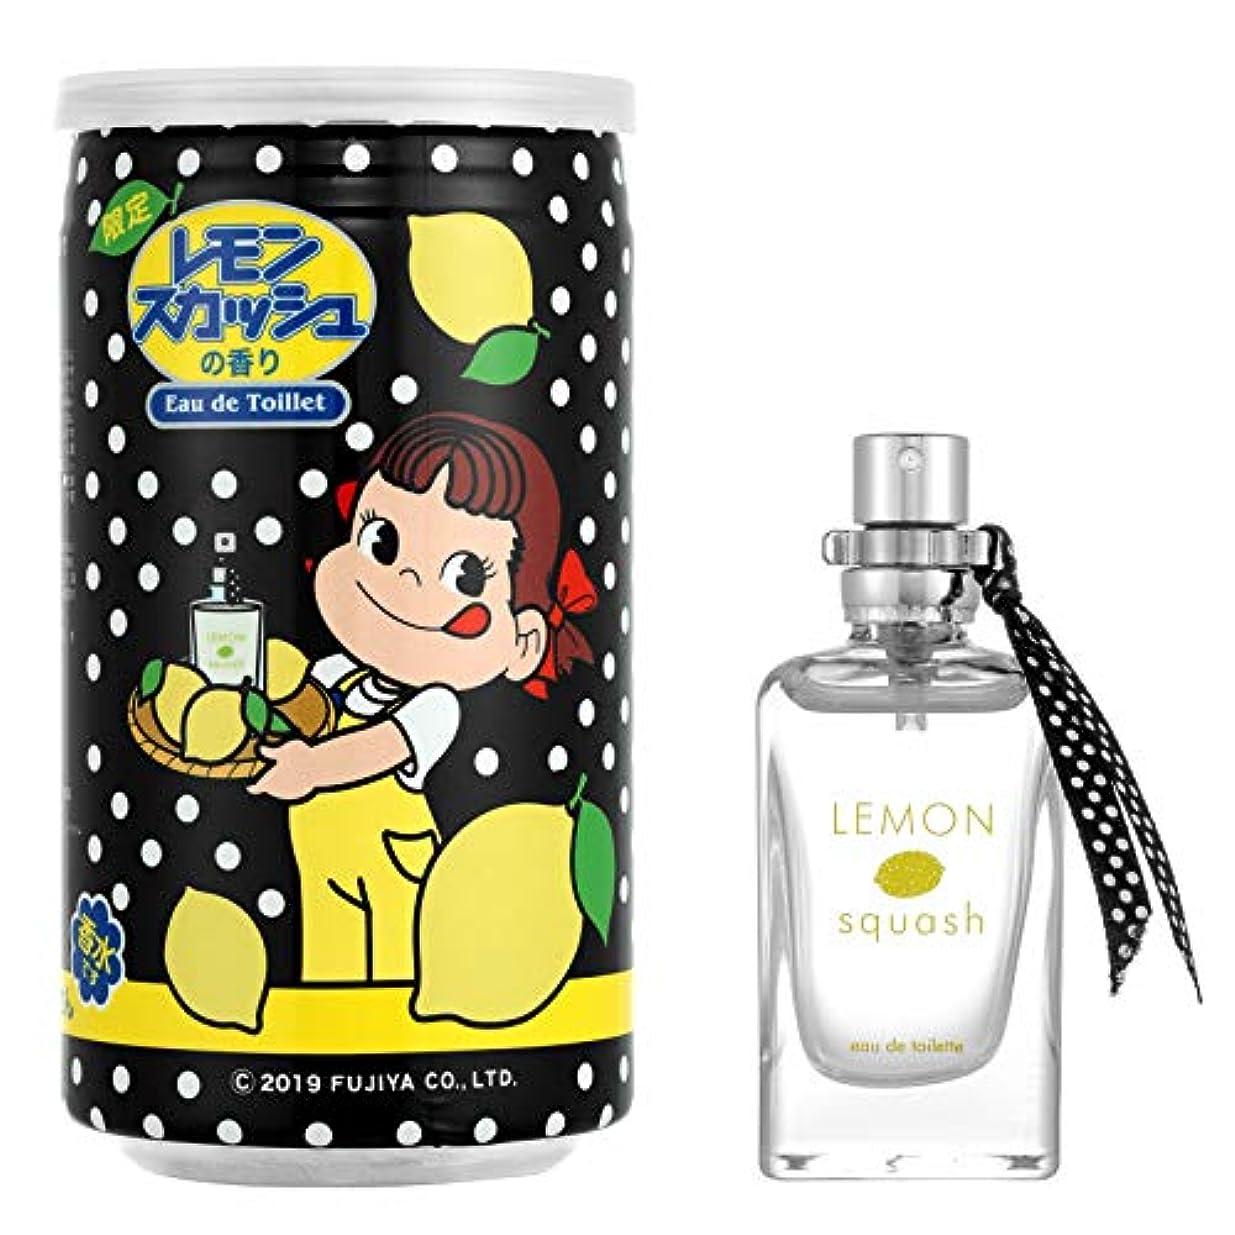 バケツ前提クッション不二家 レモンスカッシュの香り オードトワレ 30mL